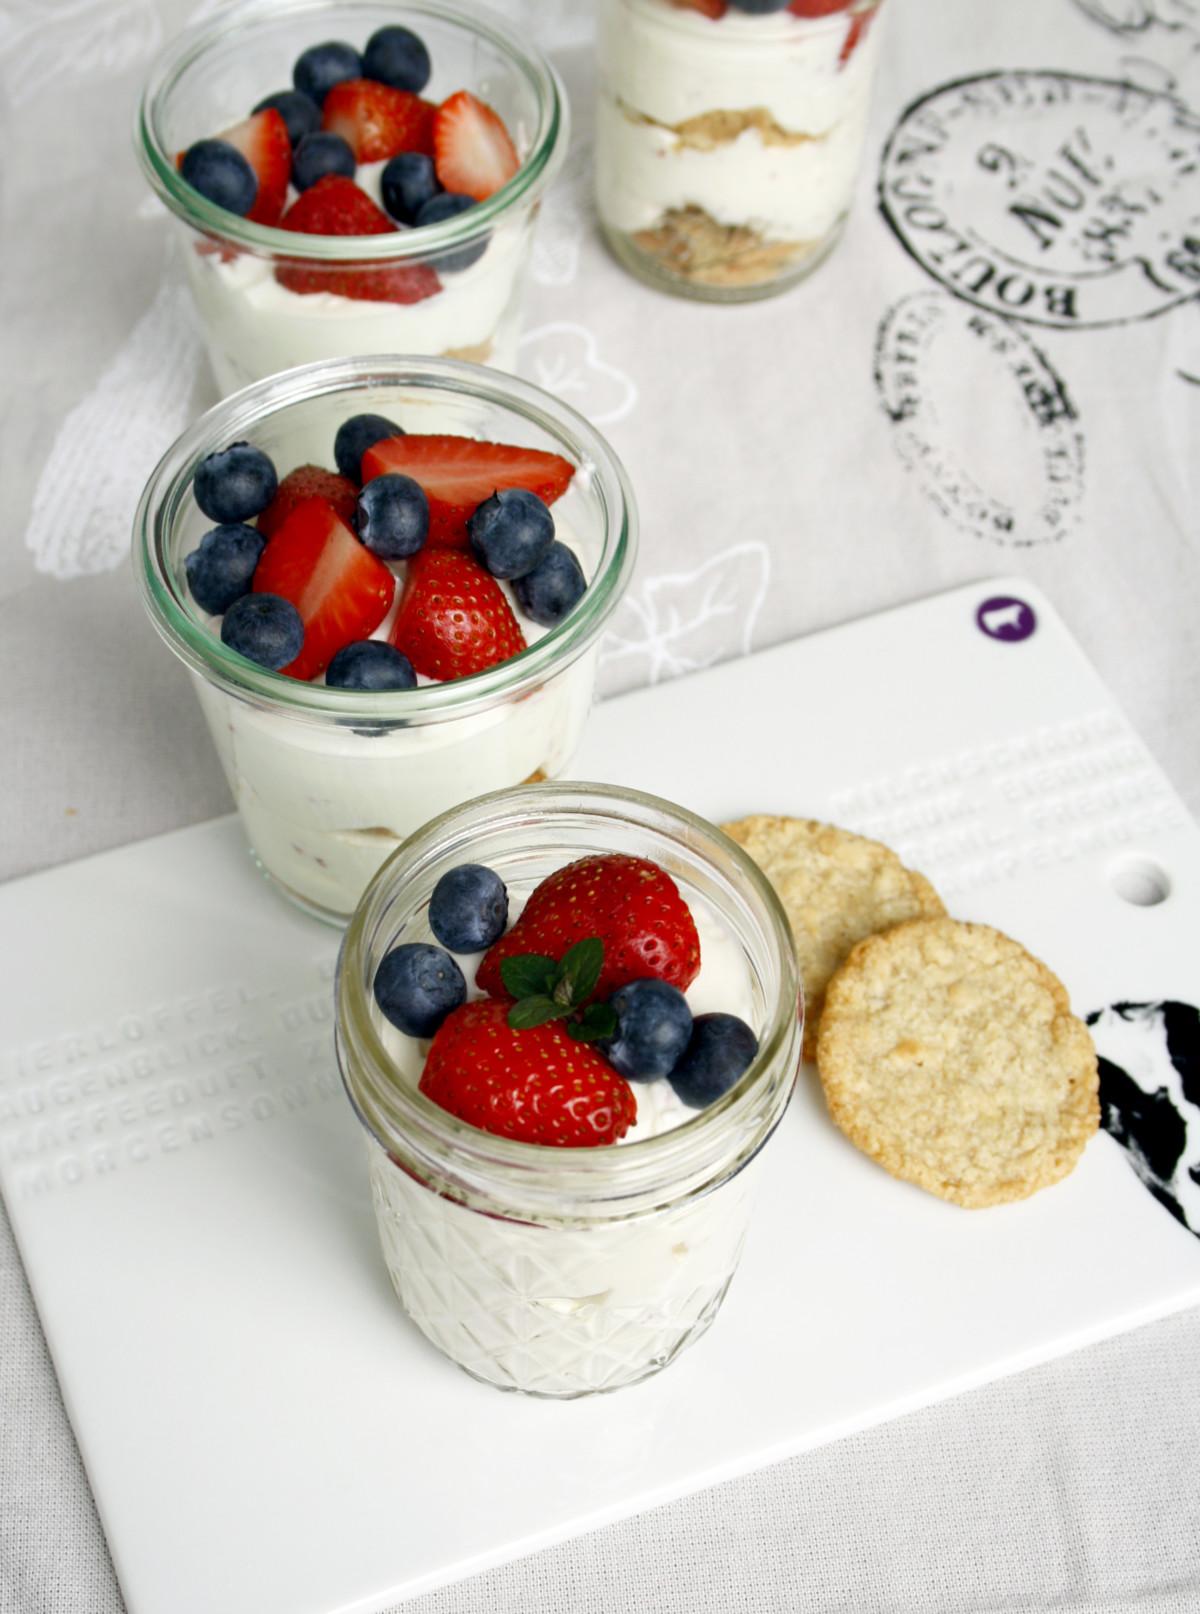 Quark mit frischen Beeren // Fresh dessert with fruits and berries by http://babyrockmyday.com/quark-mit-beeren/